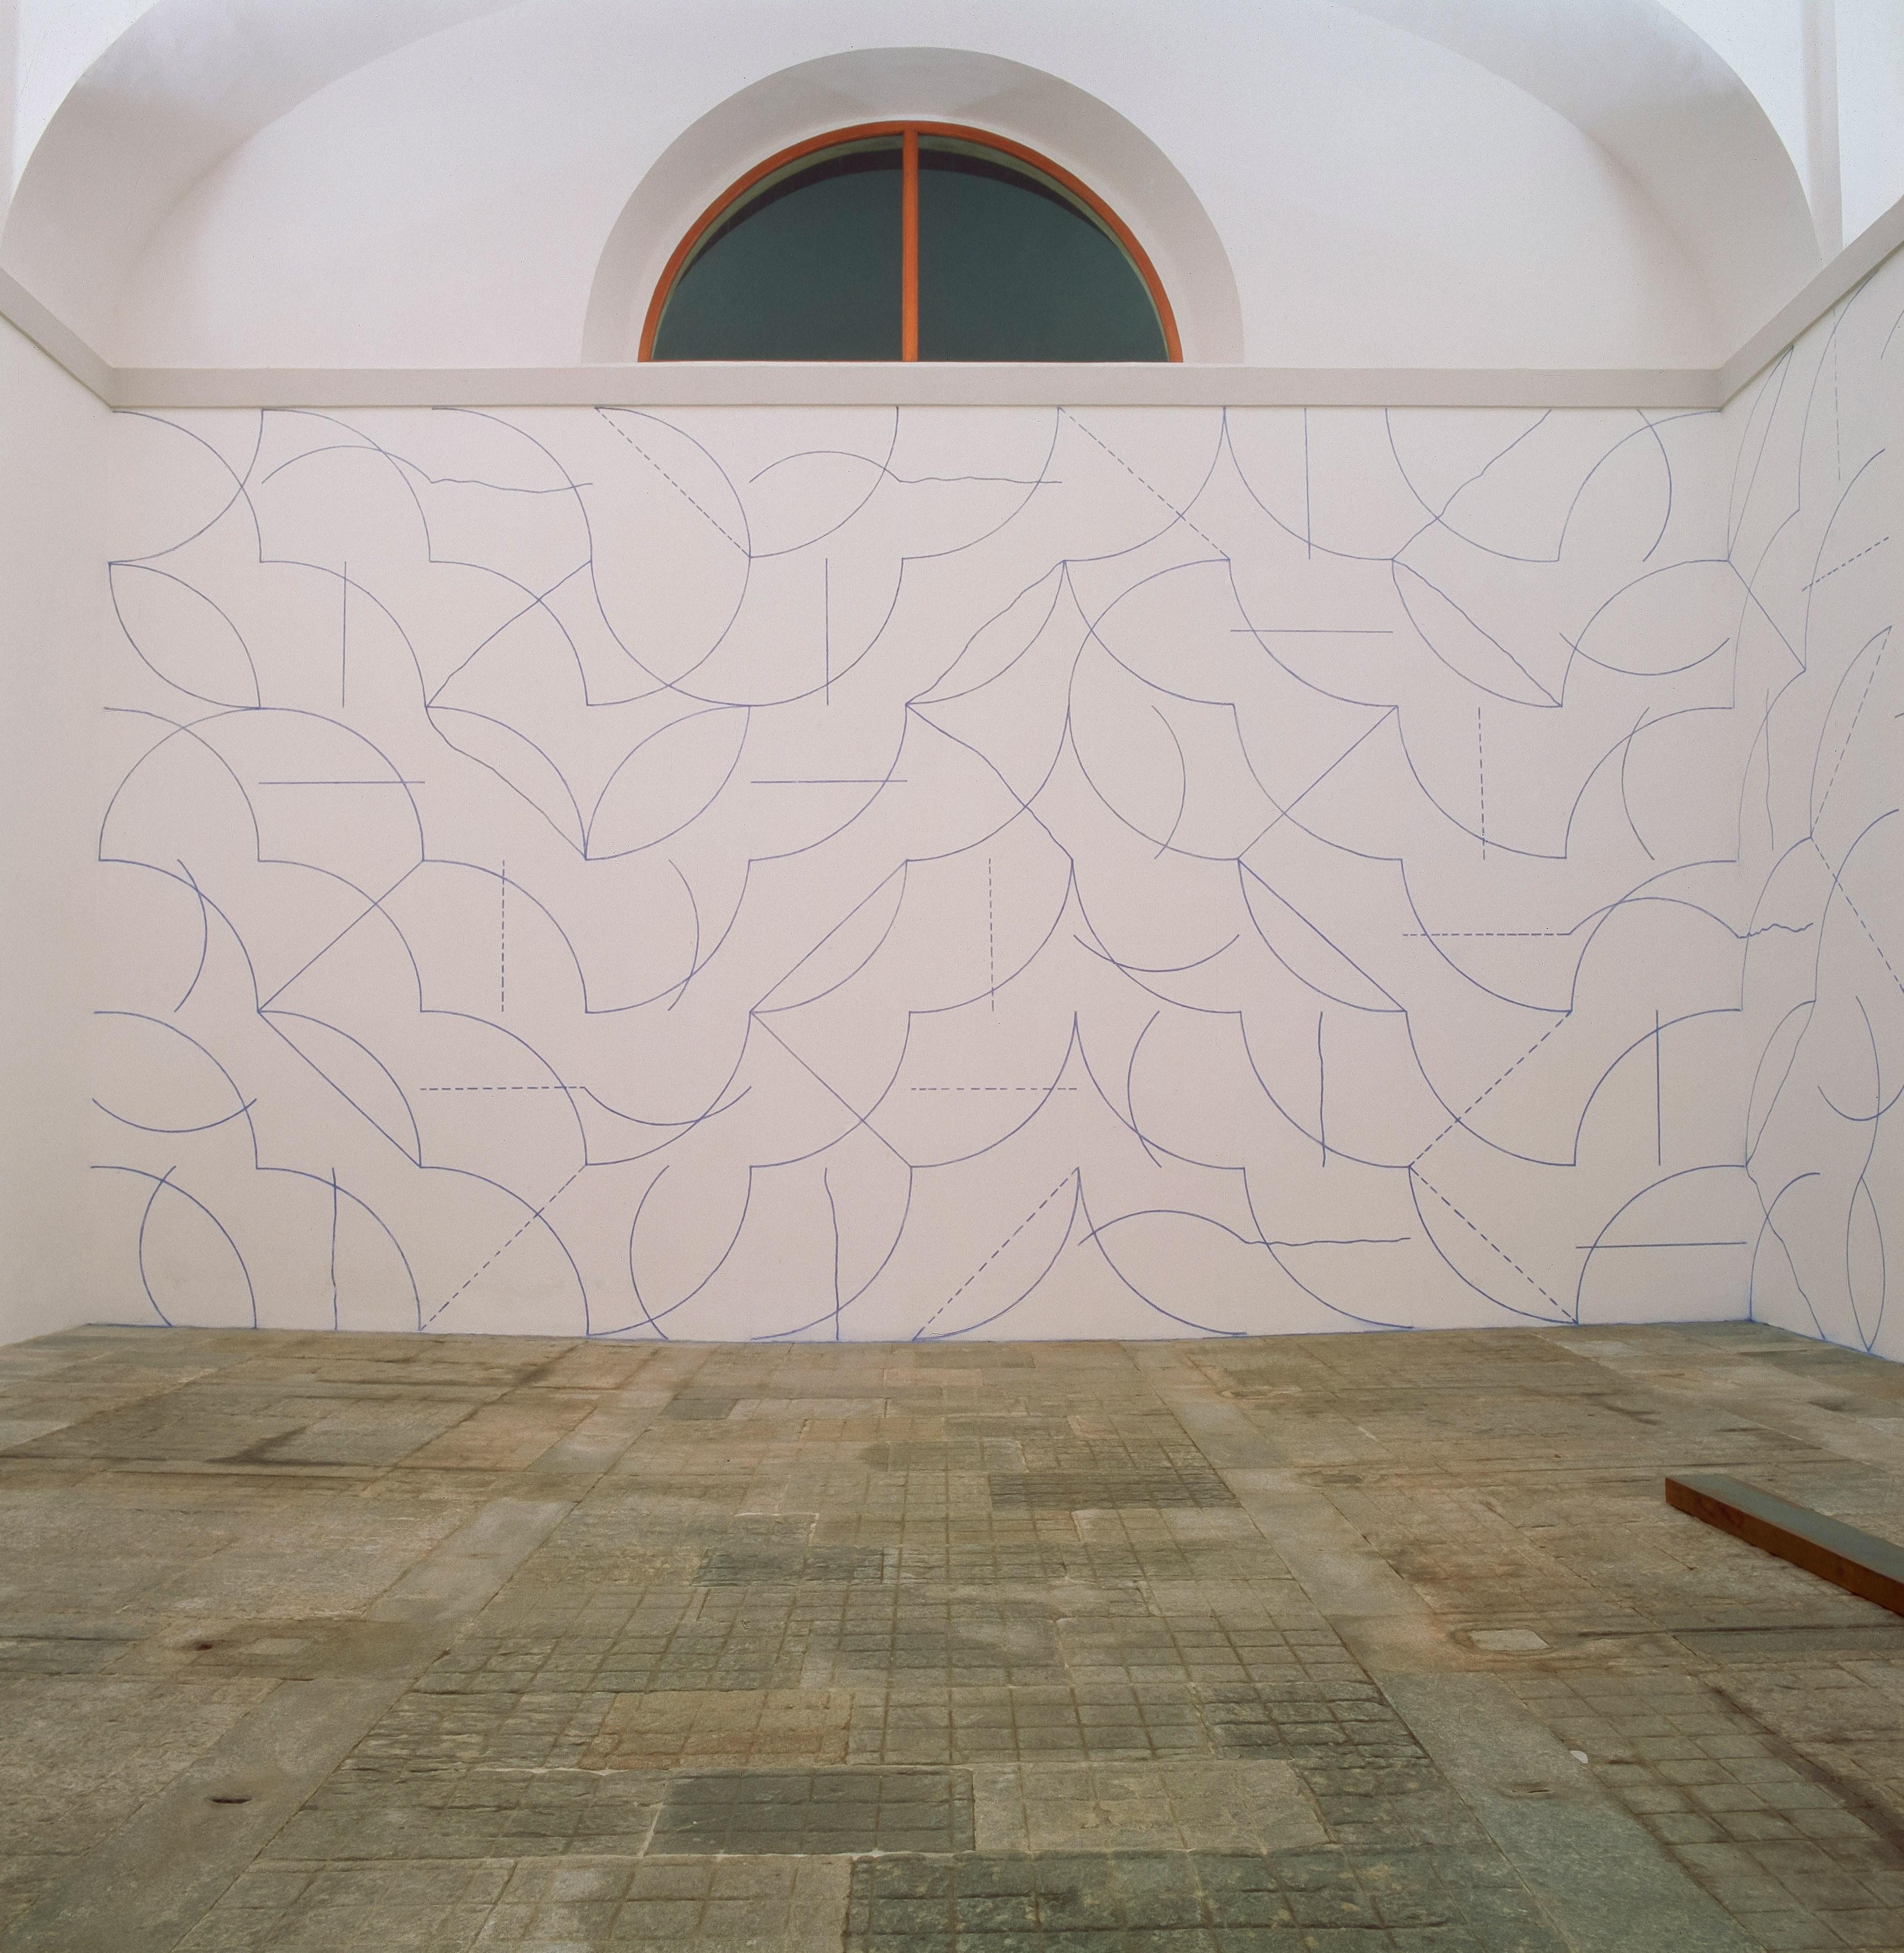 3757x3853 Wall Drawing